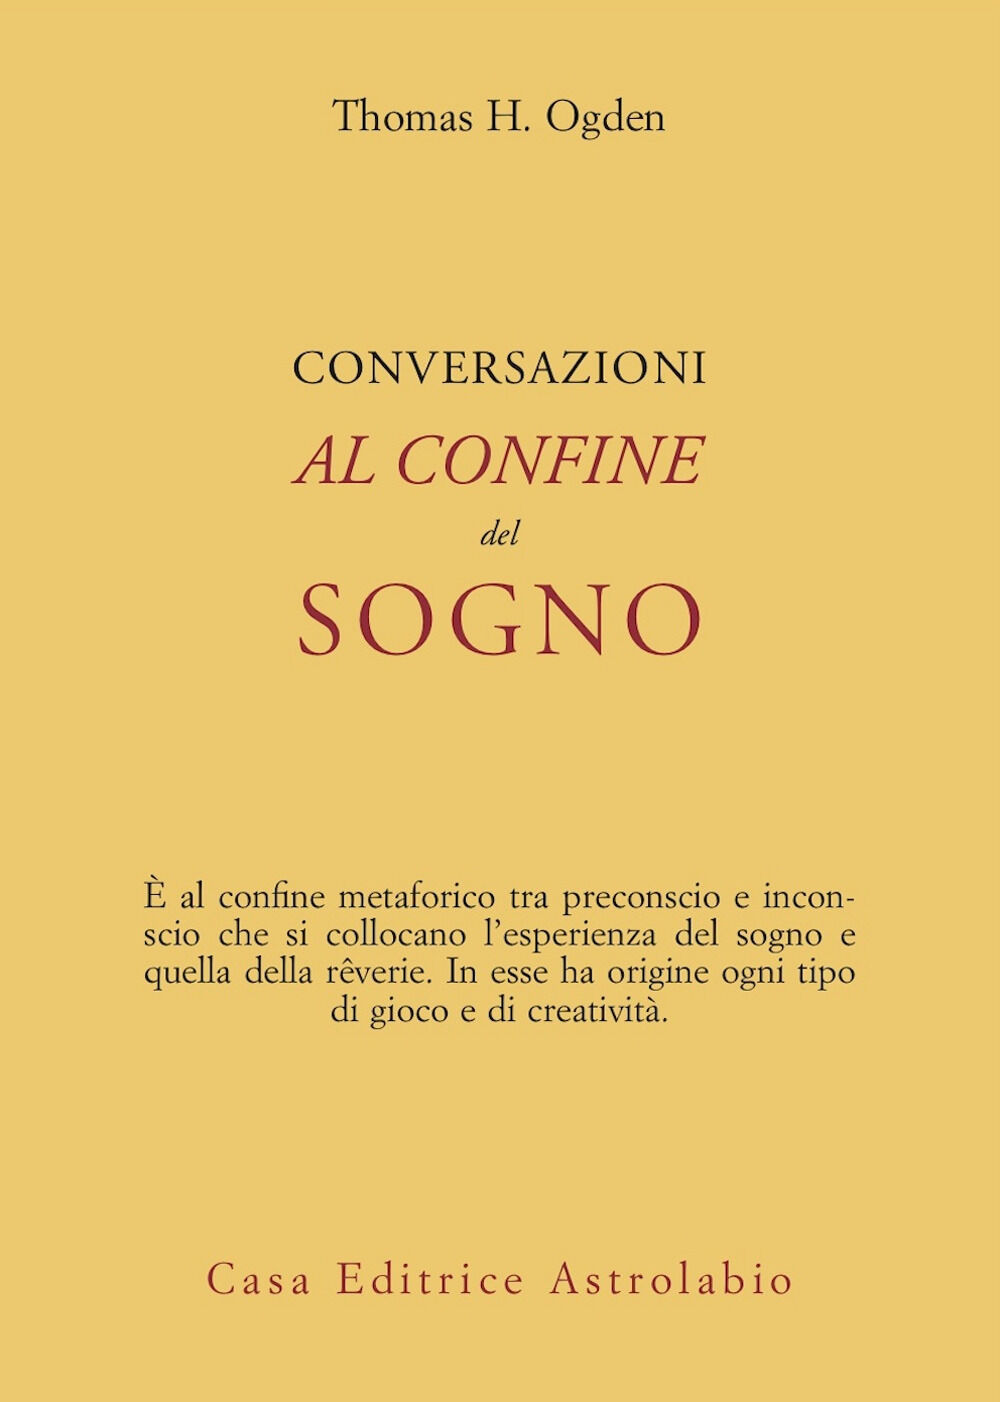 Conversazioni al confine del sogno